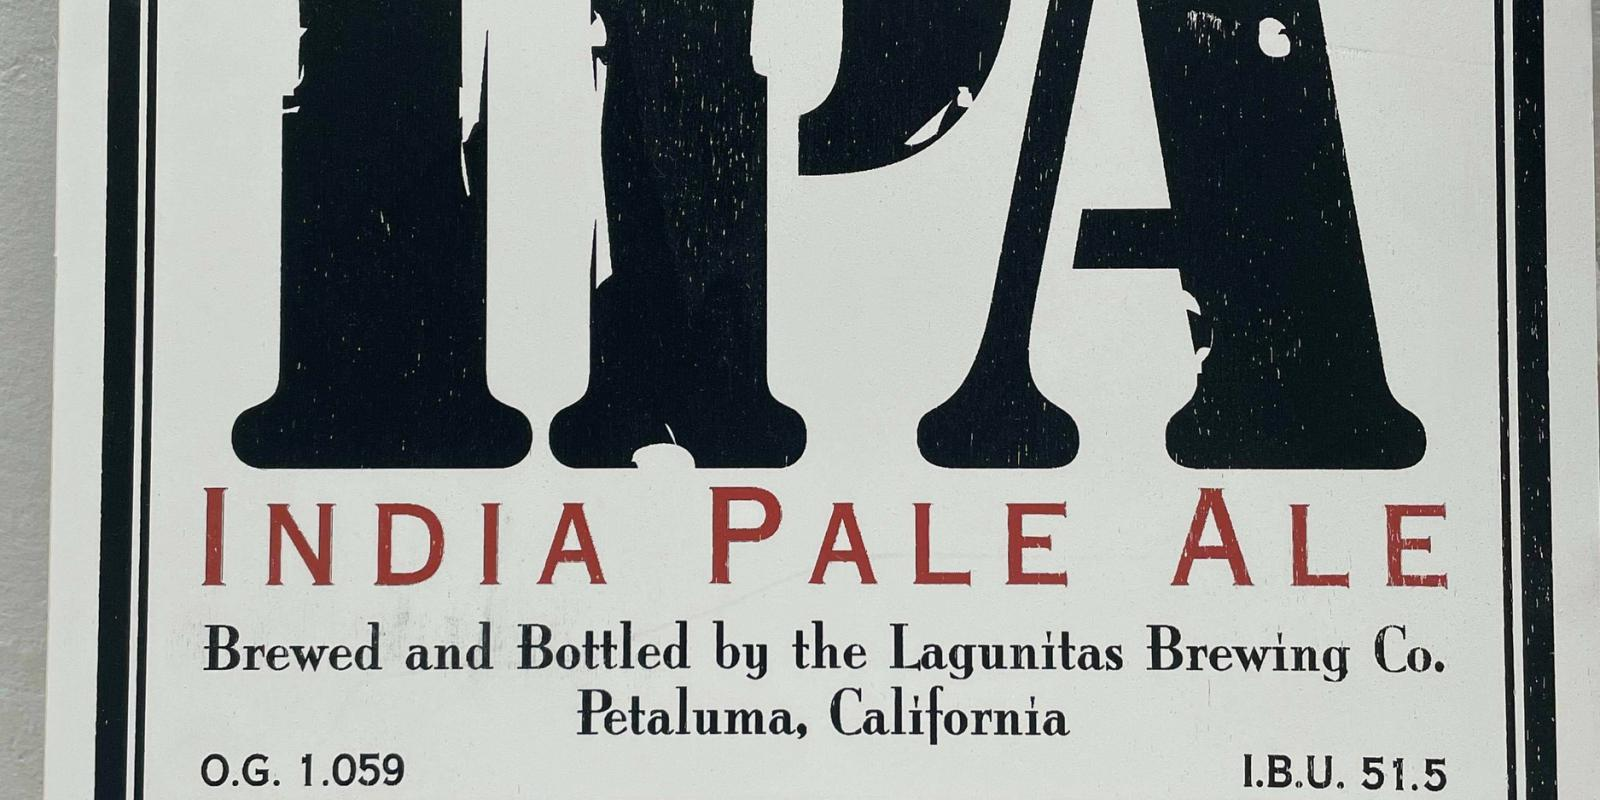 Image décrivant le produit Lagunitas qui fait partie des Bières Bouteilles